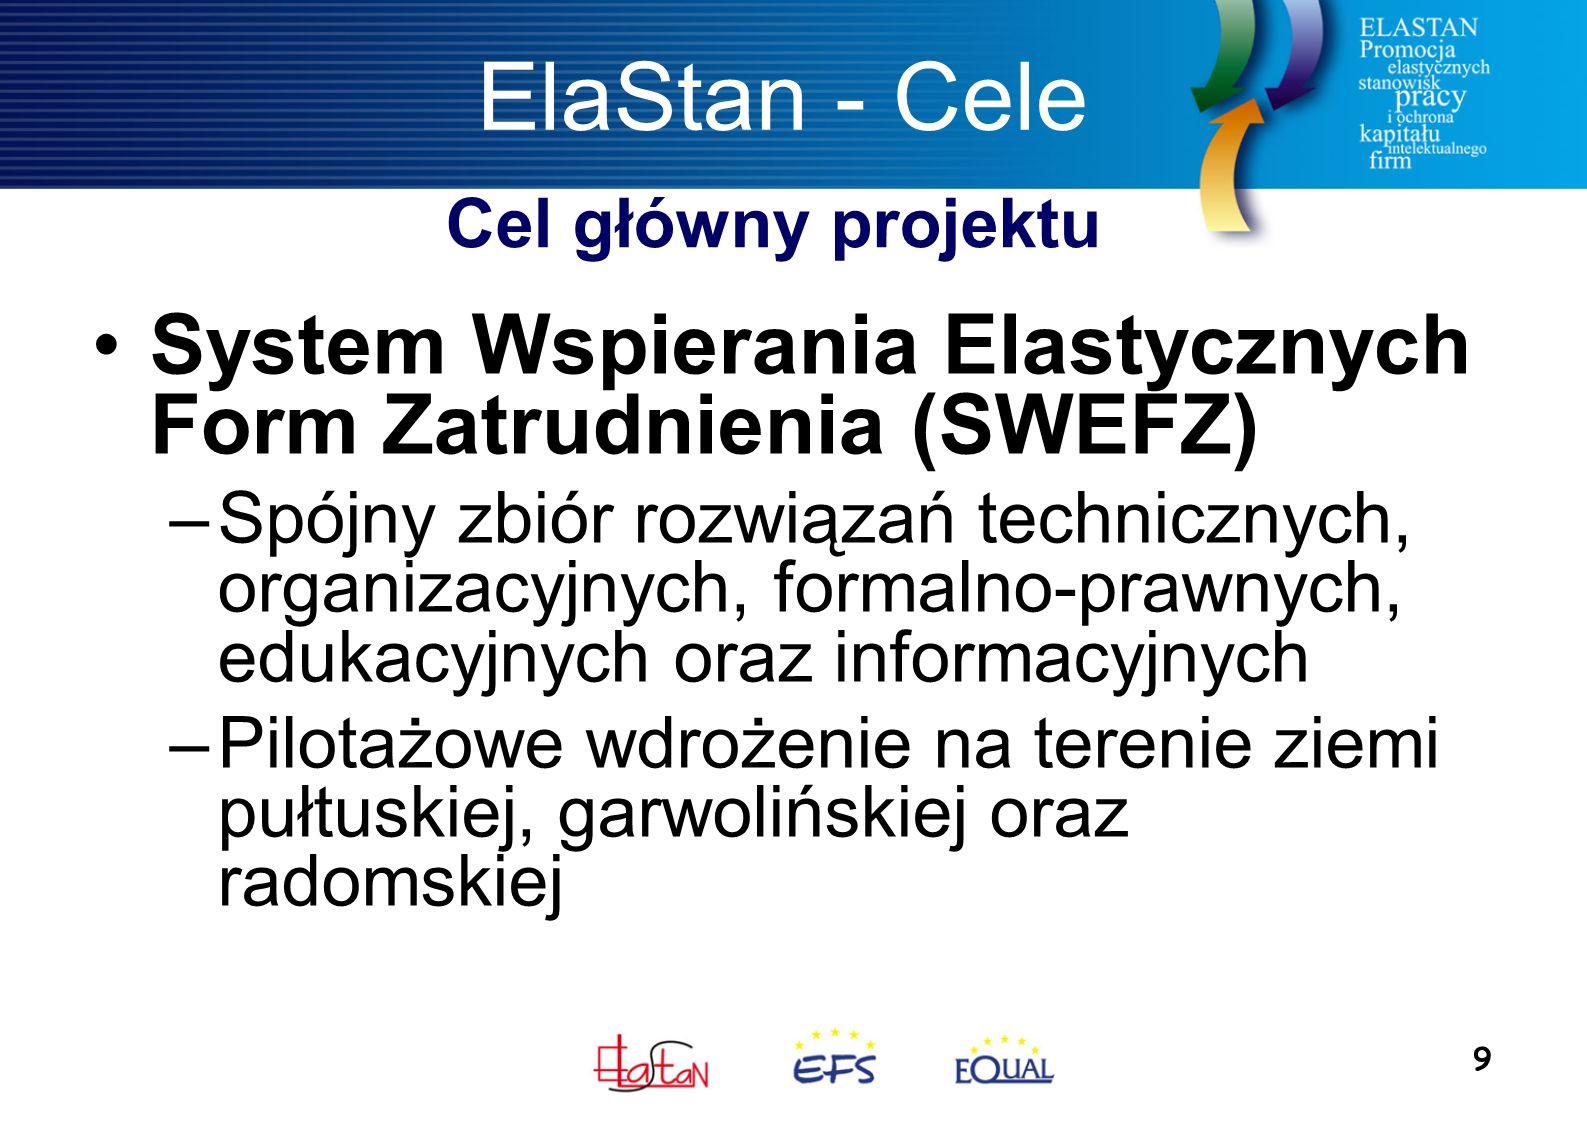 9 ElaStan - Cele System Wspierania Elastycznych Form Zatrudnienia (SWEFZ) –Spójny zbiór rozwiązań technicznych, organizacyjnych, formalno-prawnych, edukacyjnych oraz informacyjnych –Pilotażowe wdrożenie na terenie ziemi pułtuskiej, garwolińskiej oraz radomskiej Cel główny projektu